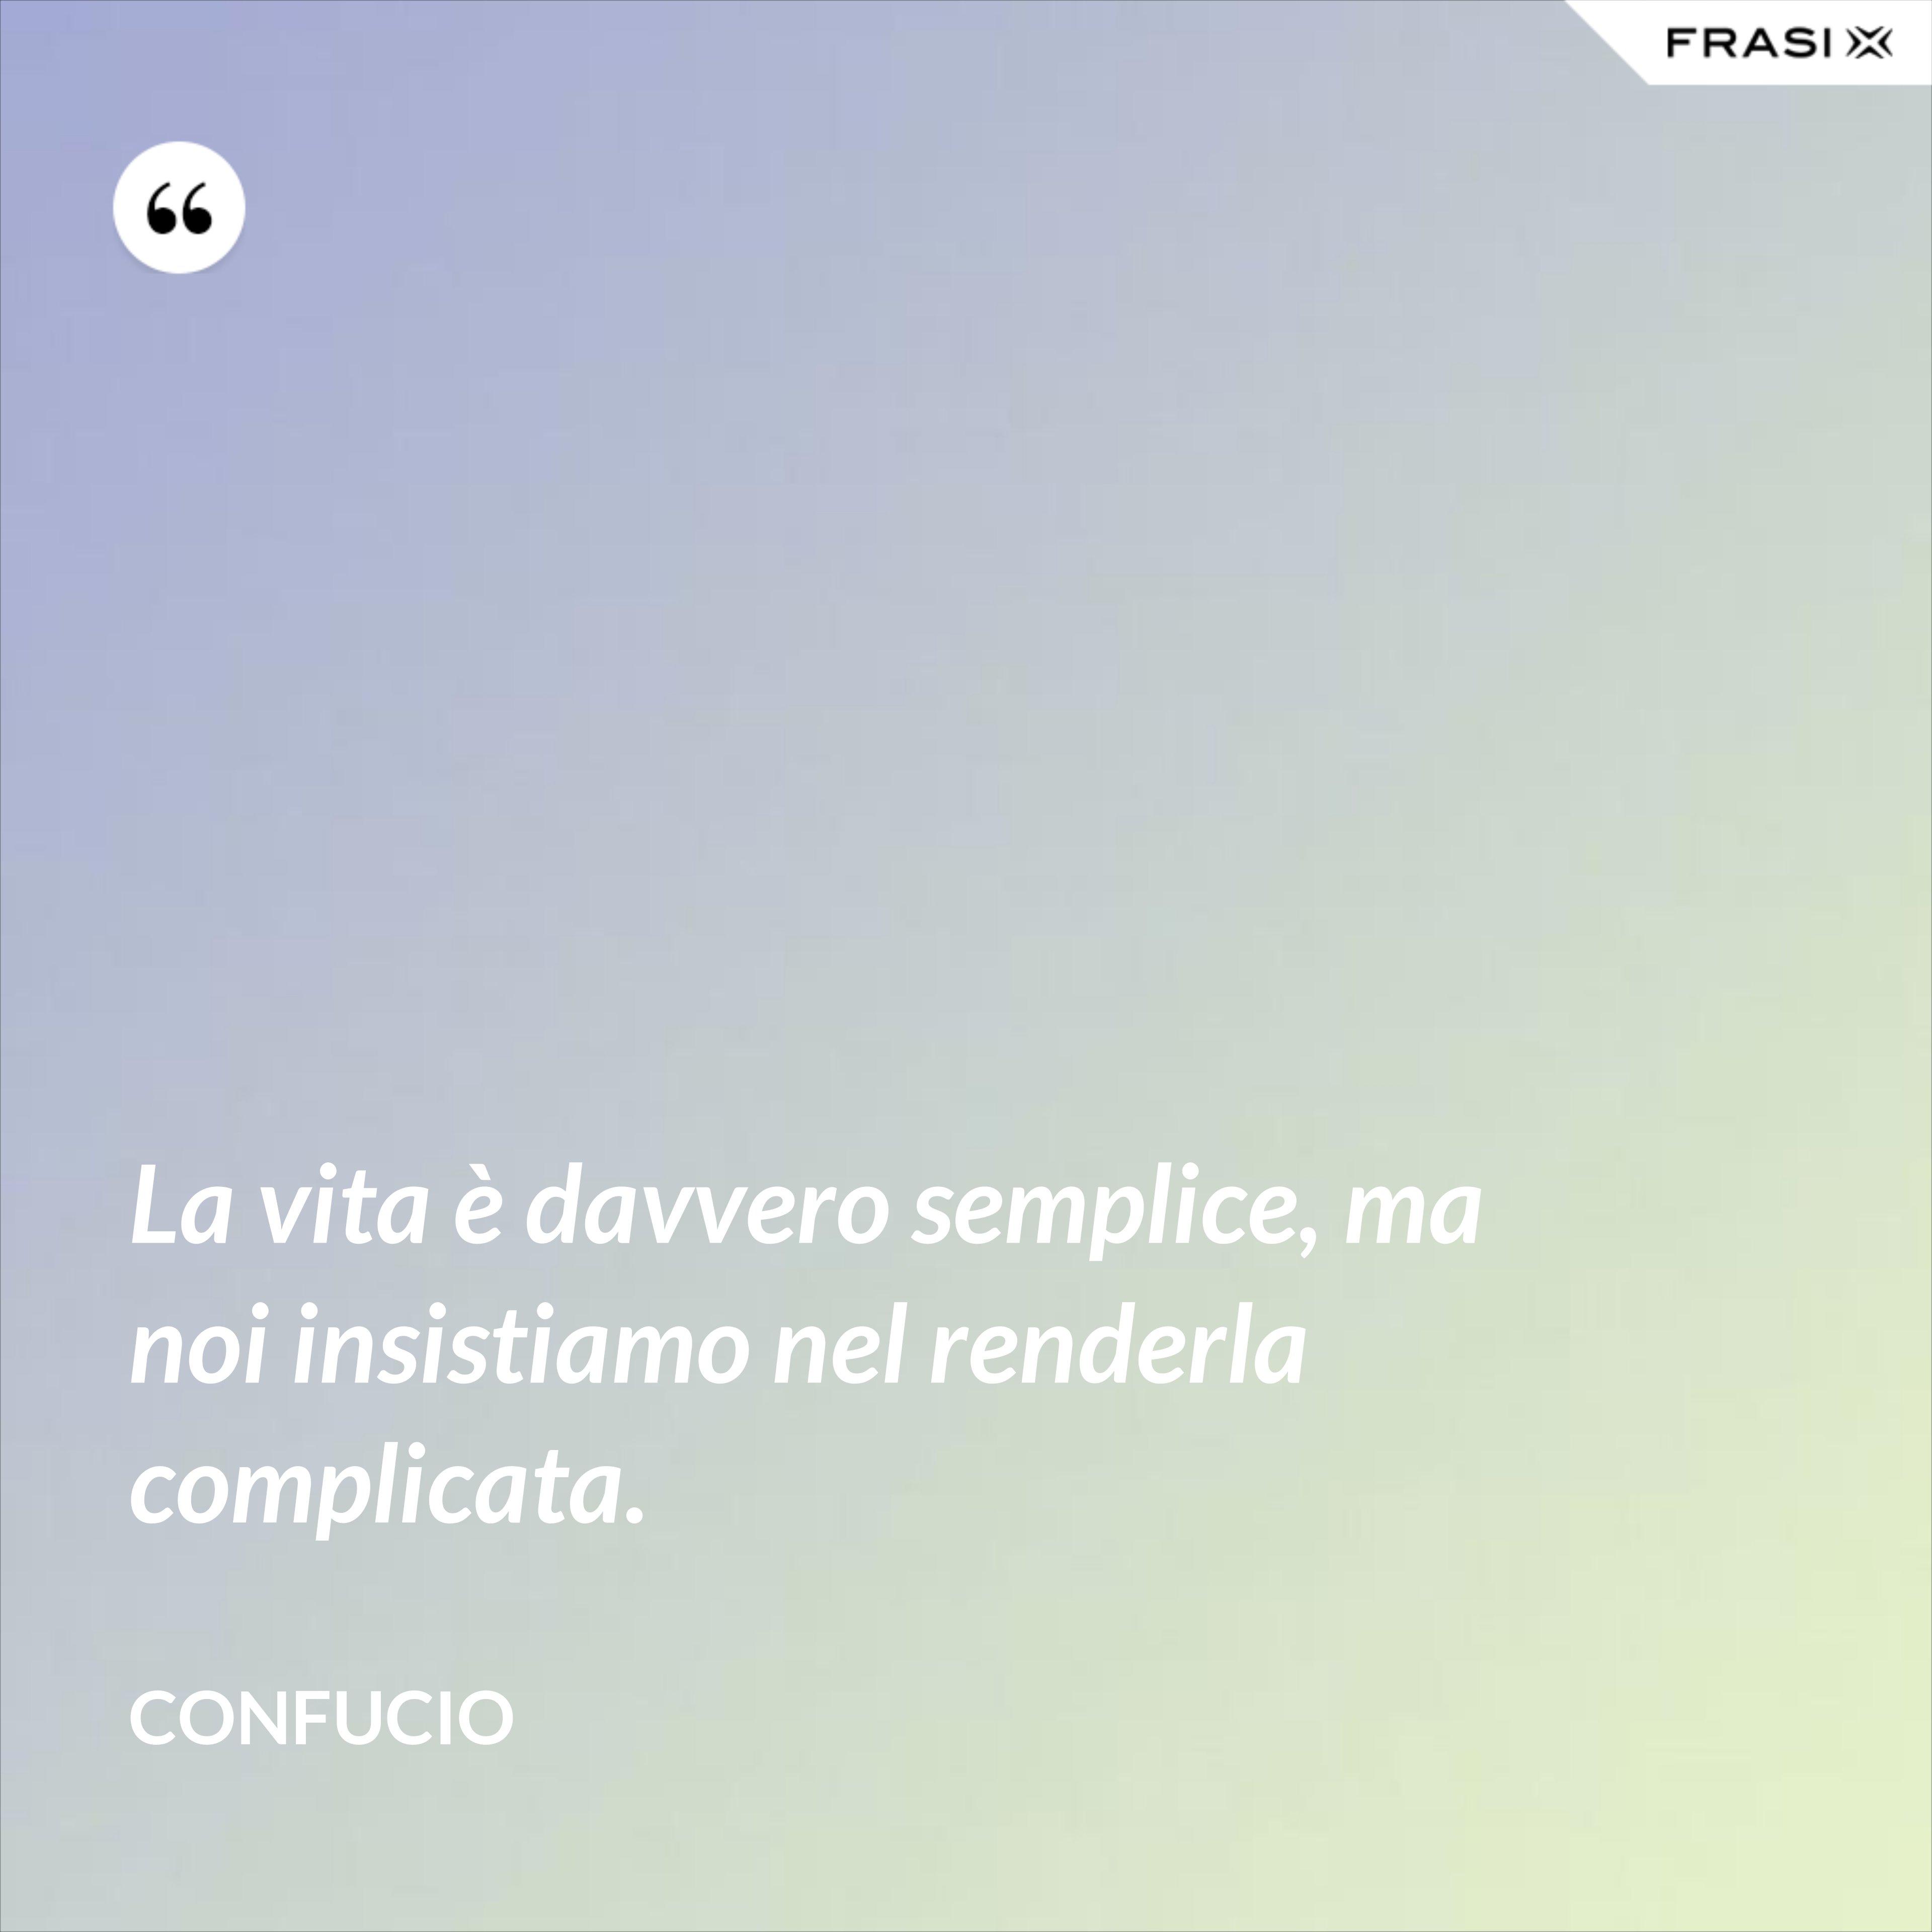 La vita è davvero semplice, ma noi insistiamo nel renderla complicata. - Confucio